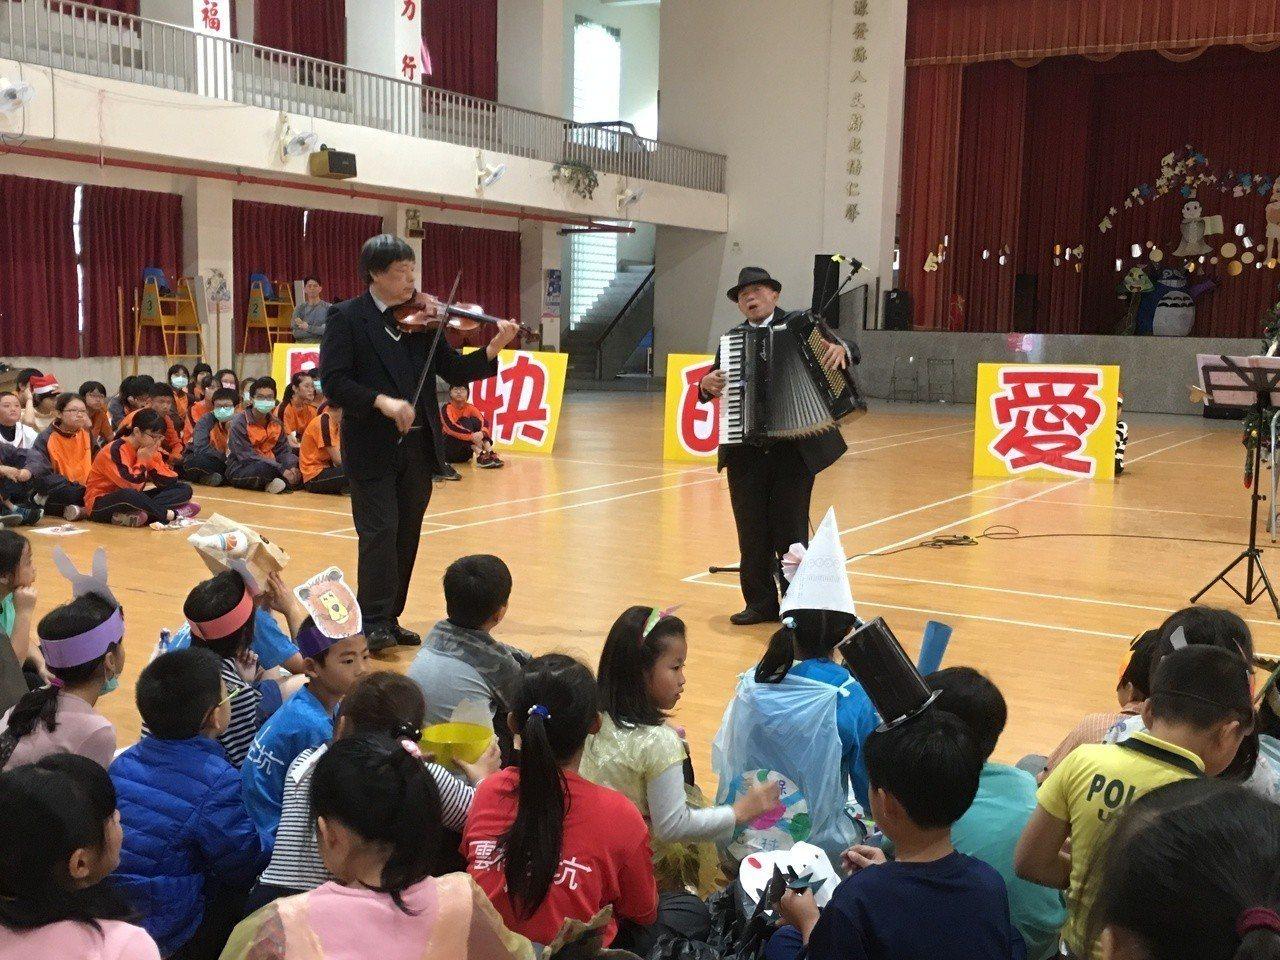 由中部建築業者發起的台灣行動菩薩助學協會,助學足跡遍及中部地區90多所學校,其中...